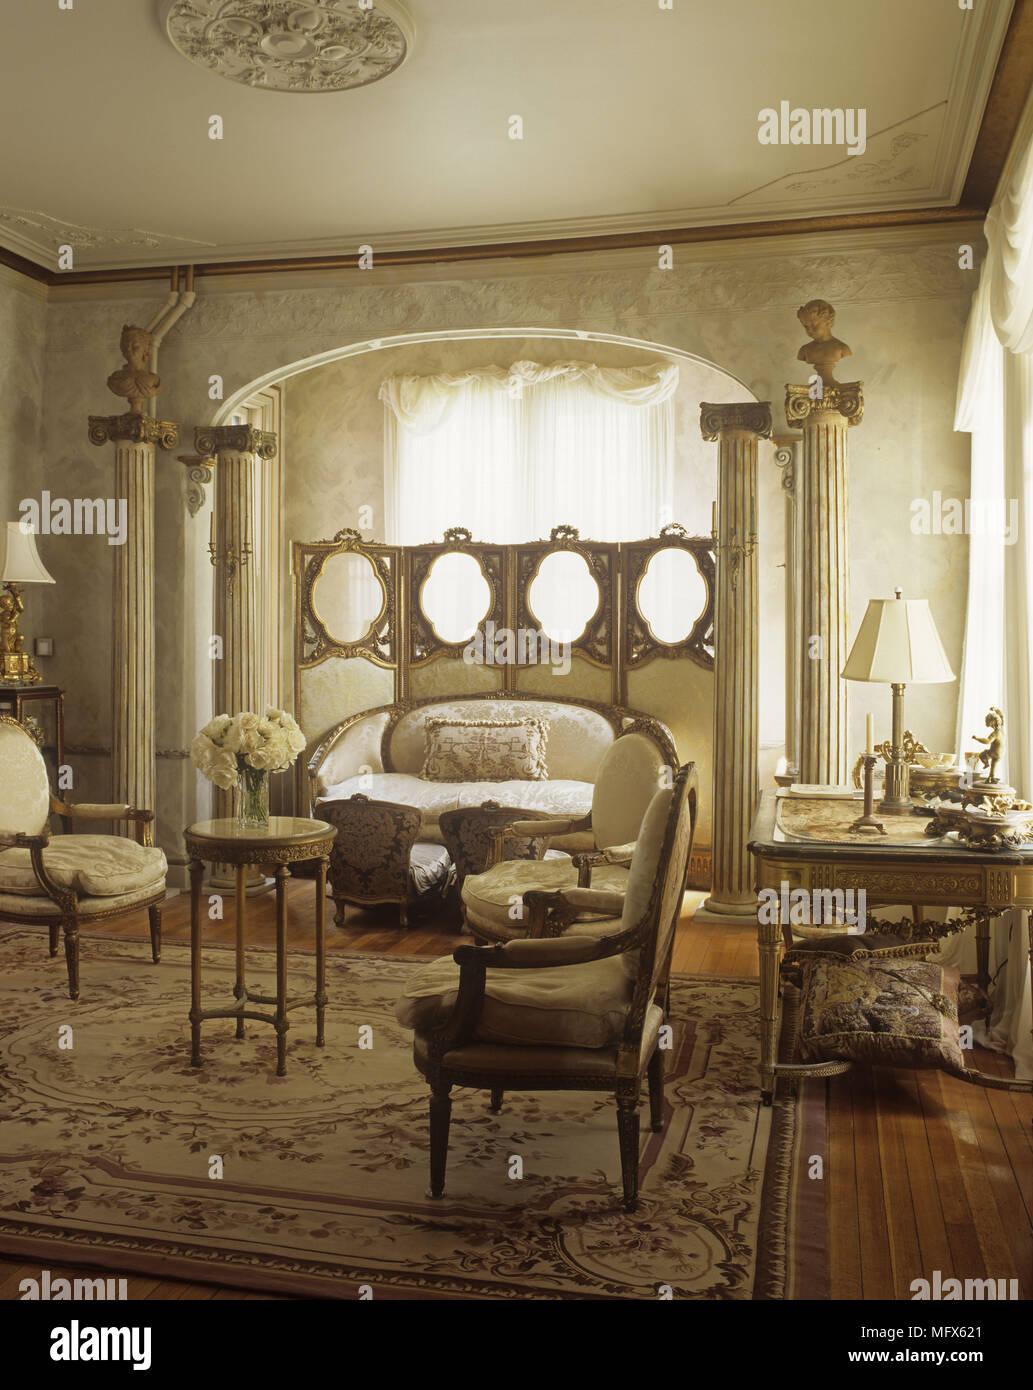 Ein traditionelles Wohnzimmer mit einem klassischen Stil Thema ...